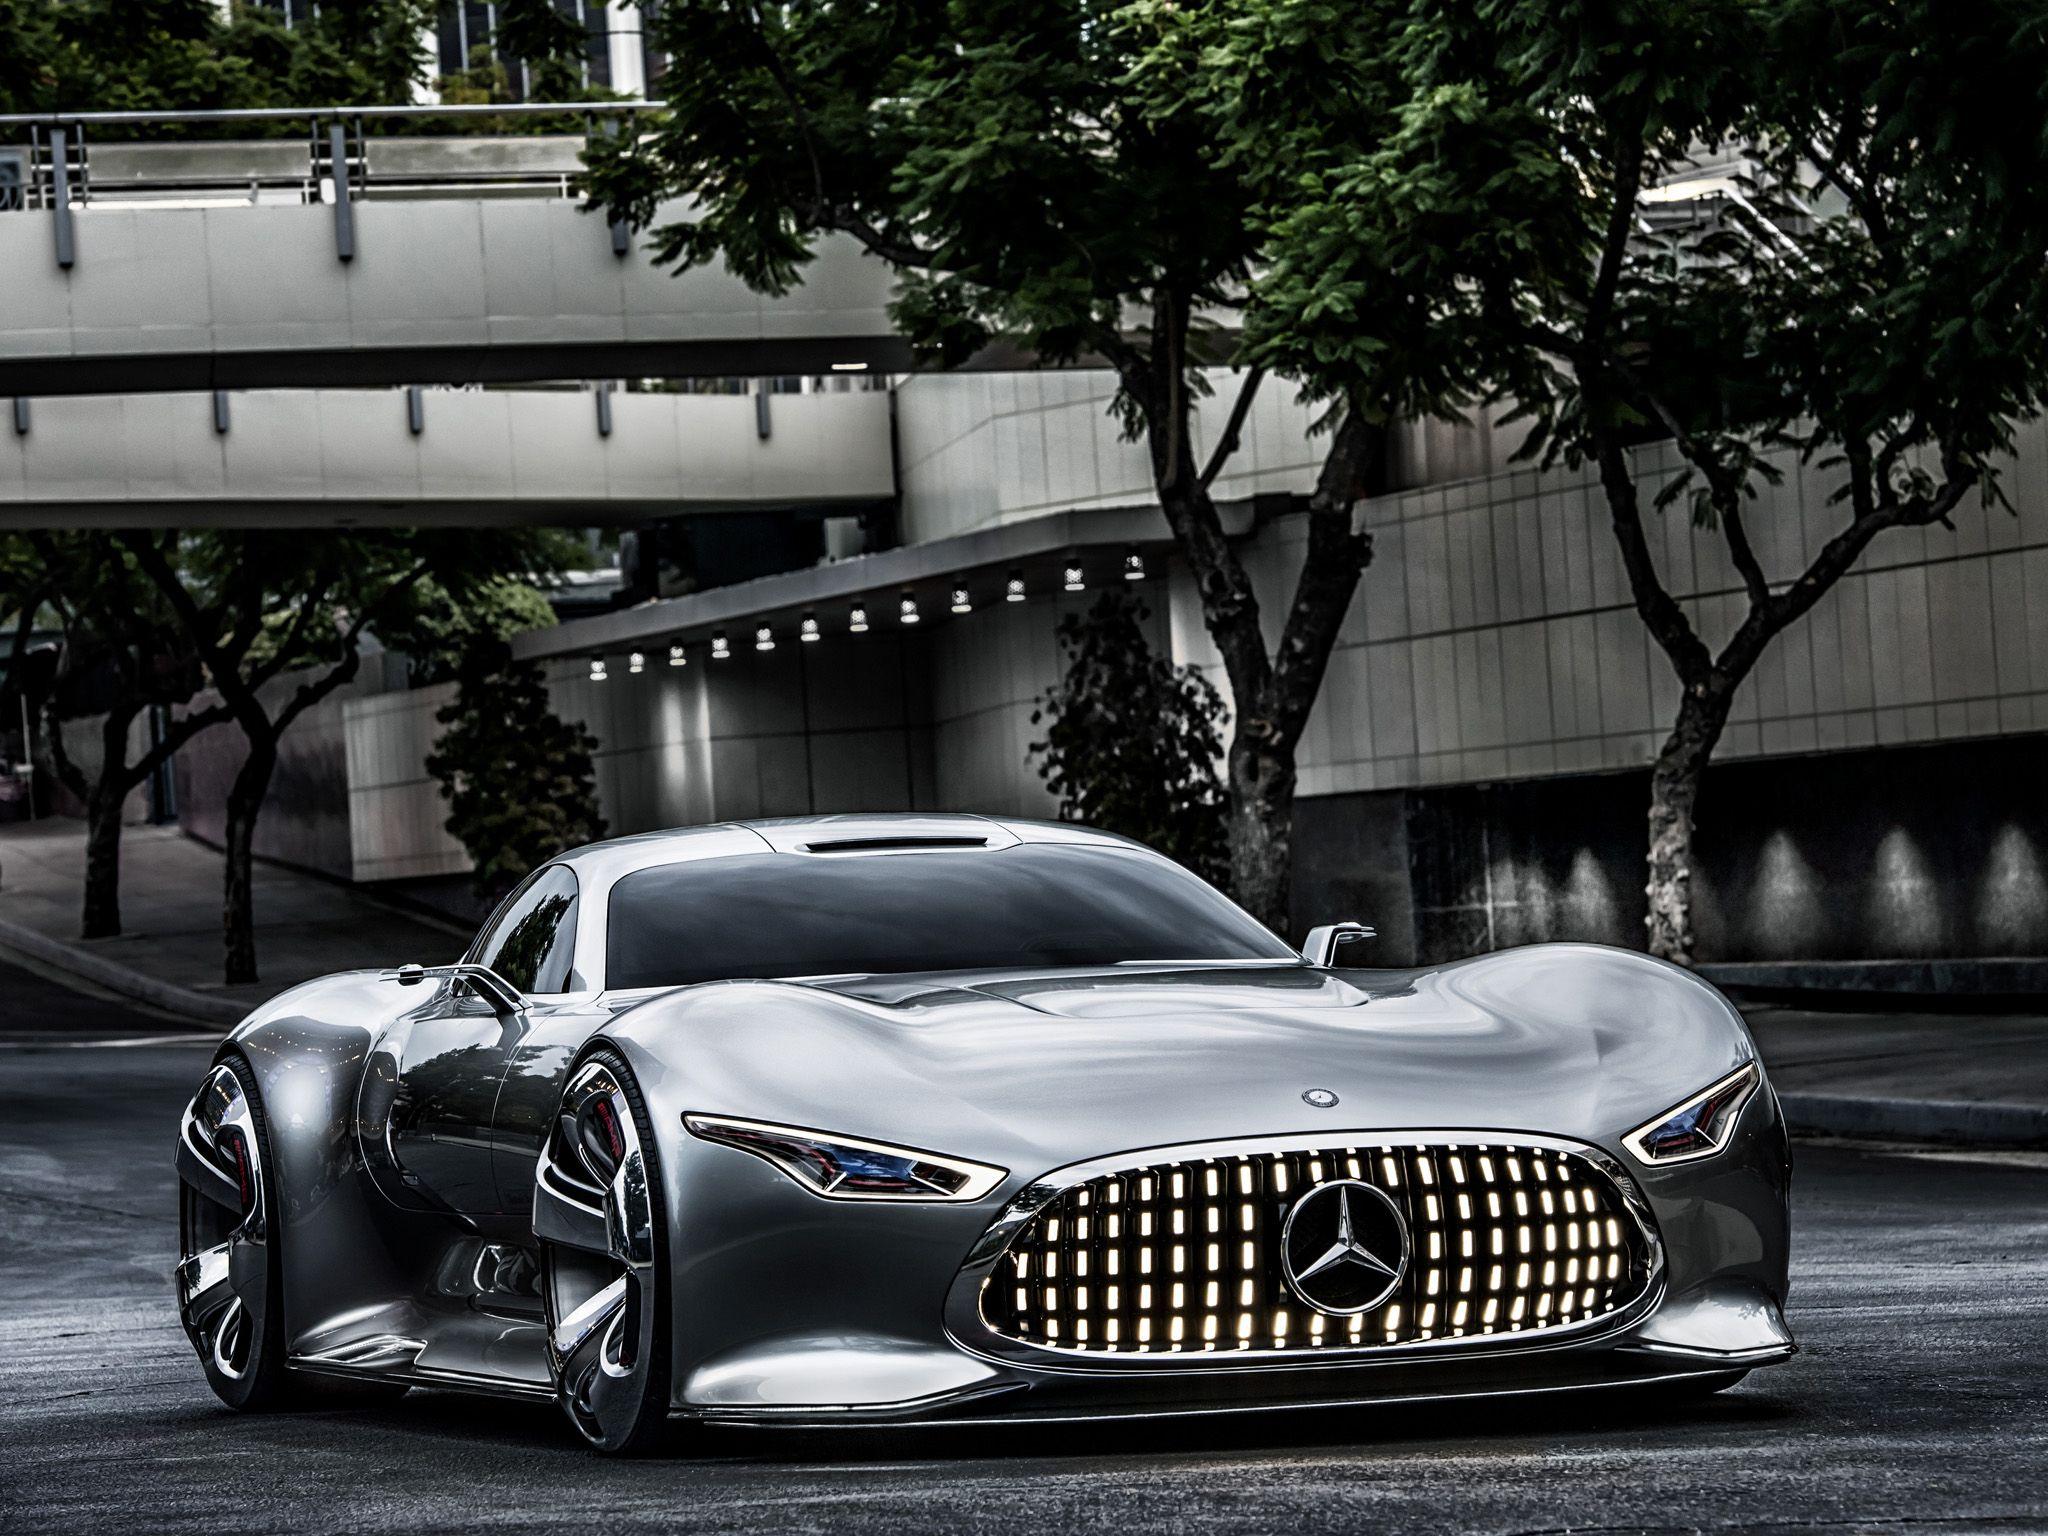 2014 Mercedes Benz AMG Vision Gran Turismo Concept ...